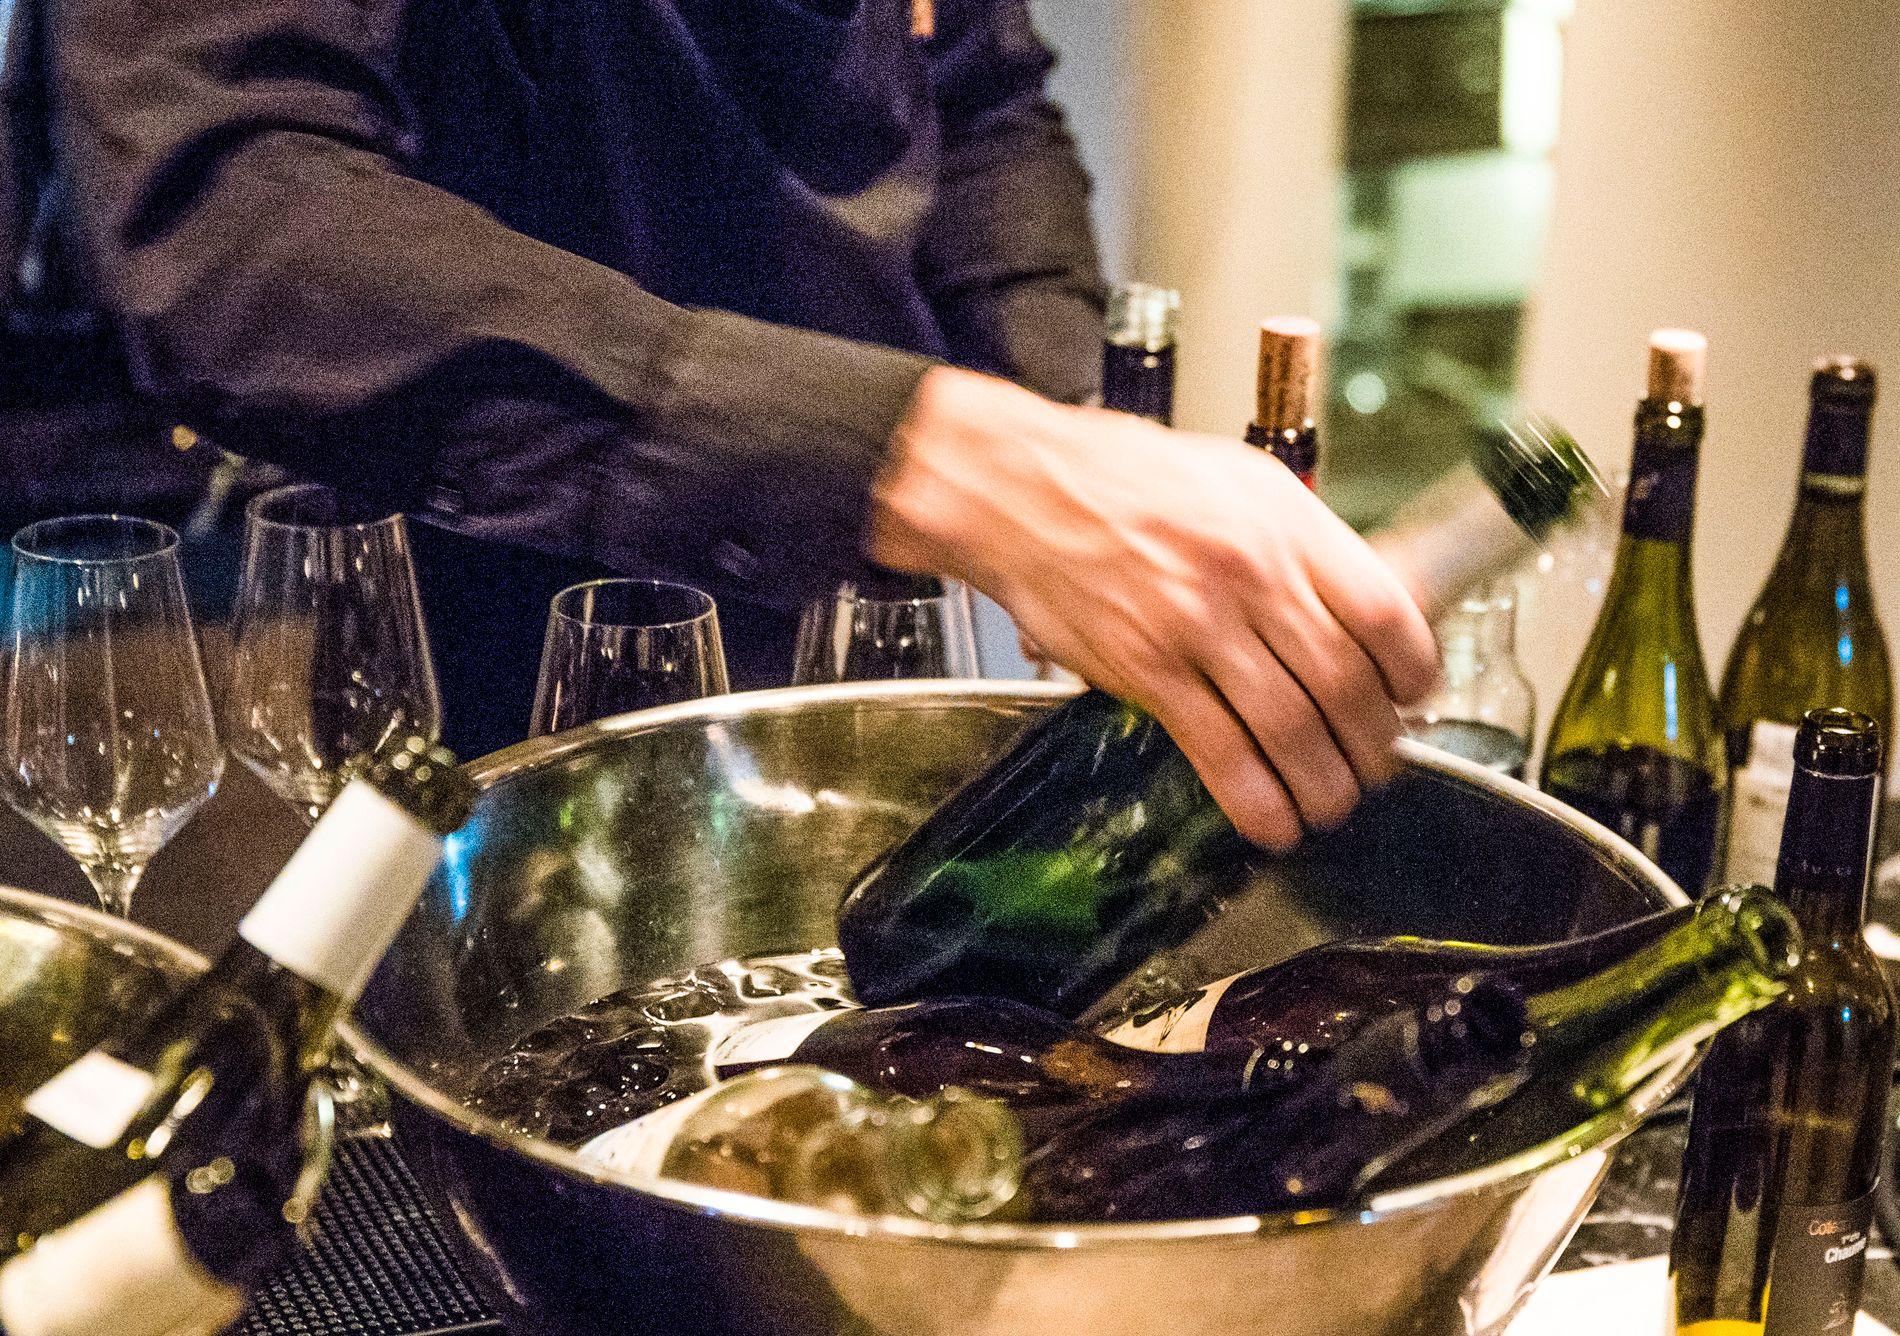 8,2 PROSENT NED: Den internasjonale organisasjonen for vin og vinproduksjon melder at vinproduksjonen på verdensbasis er på 24,67 milliarder liter vin så langt i år.